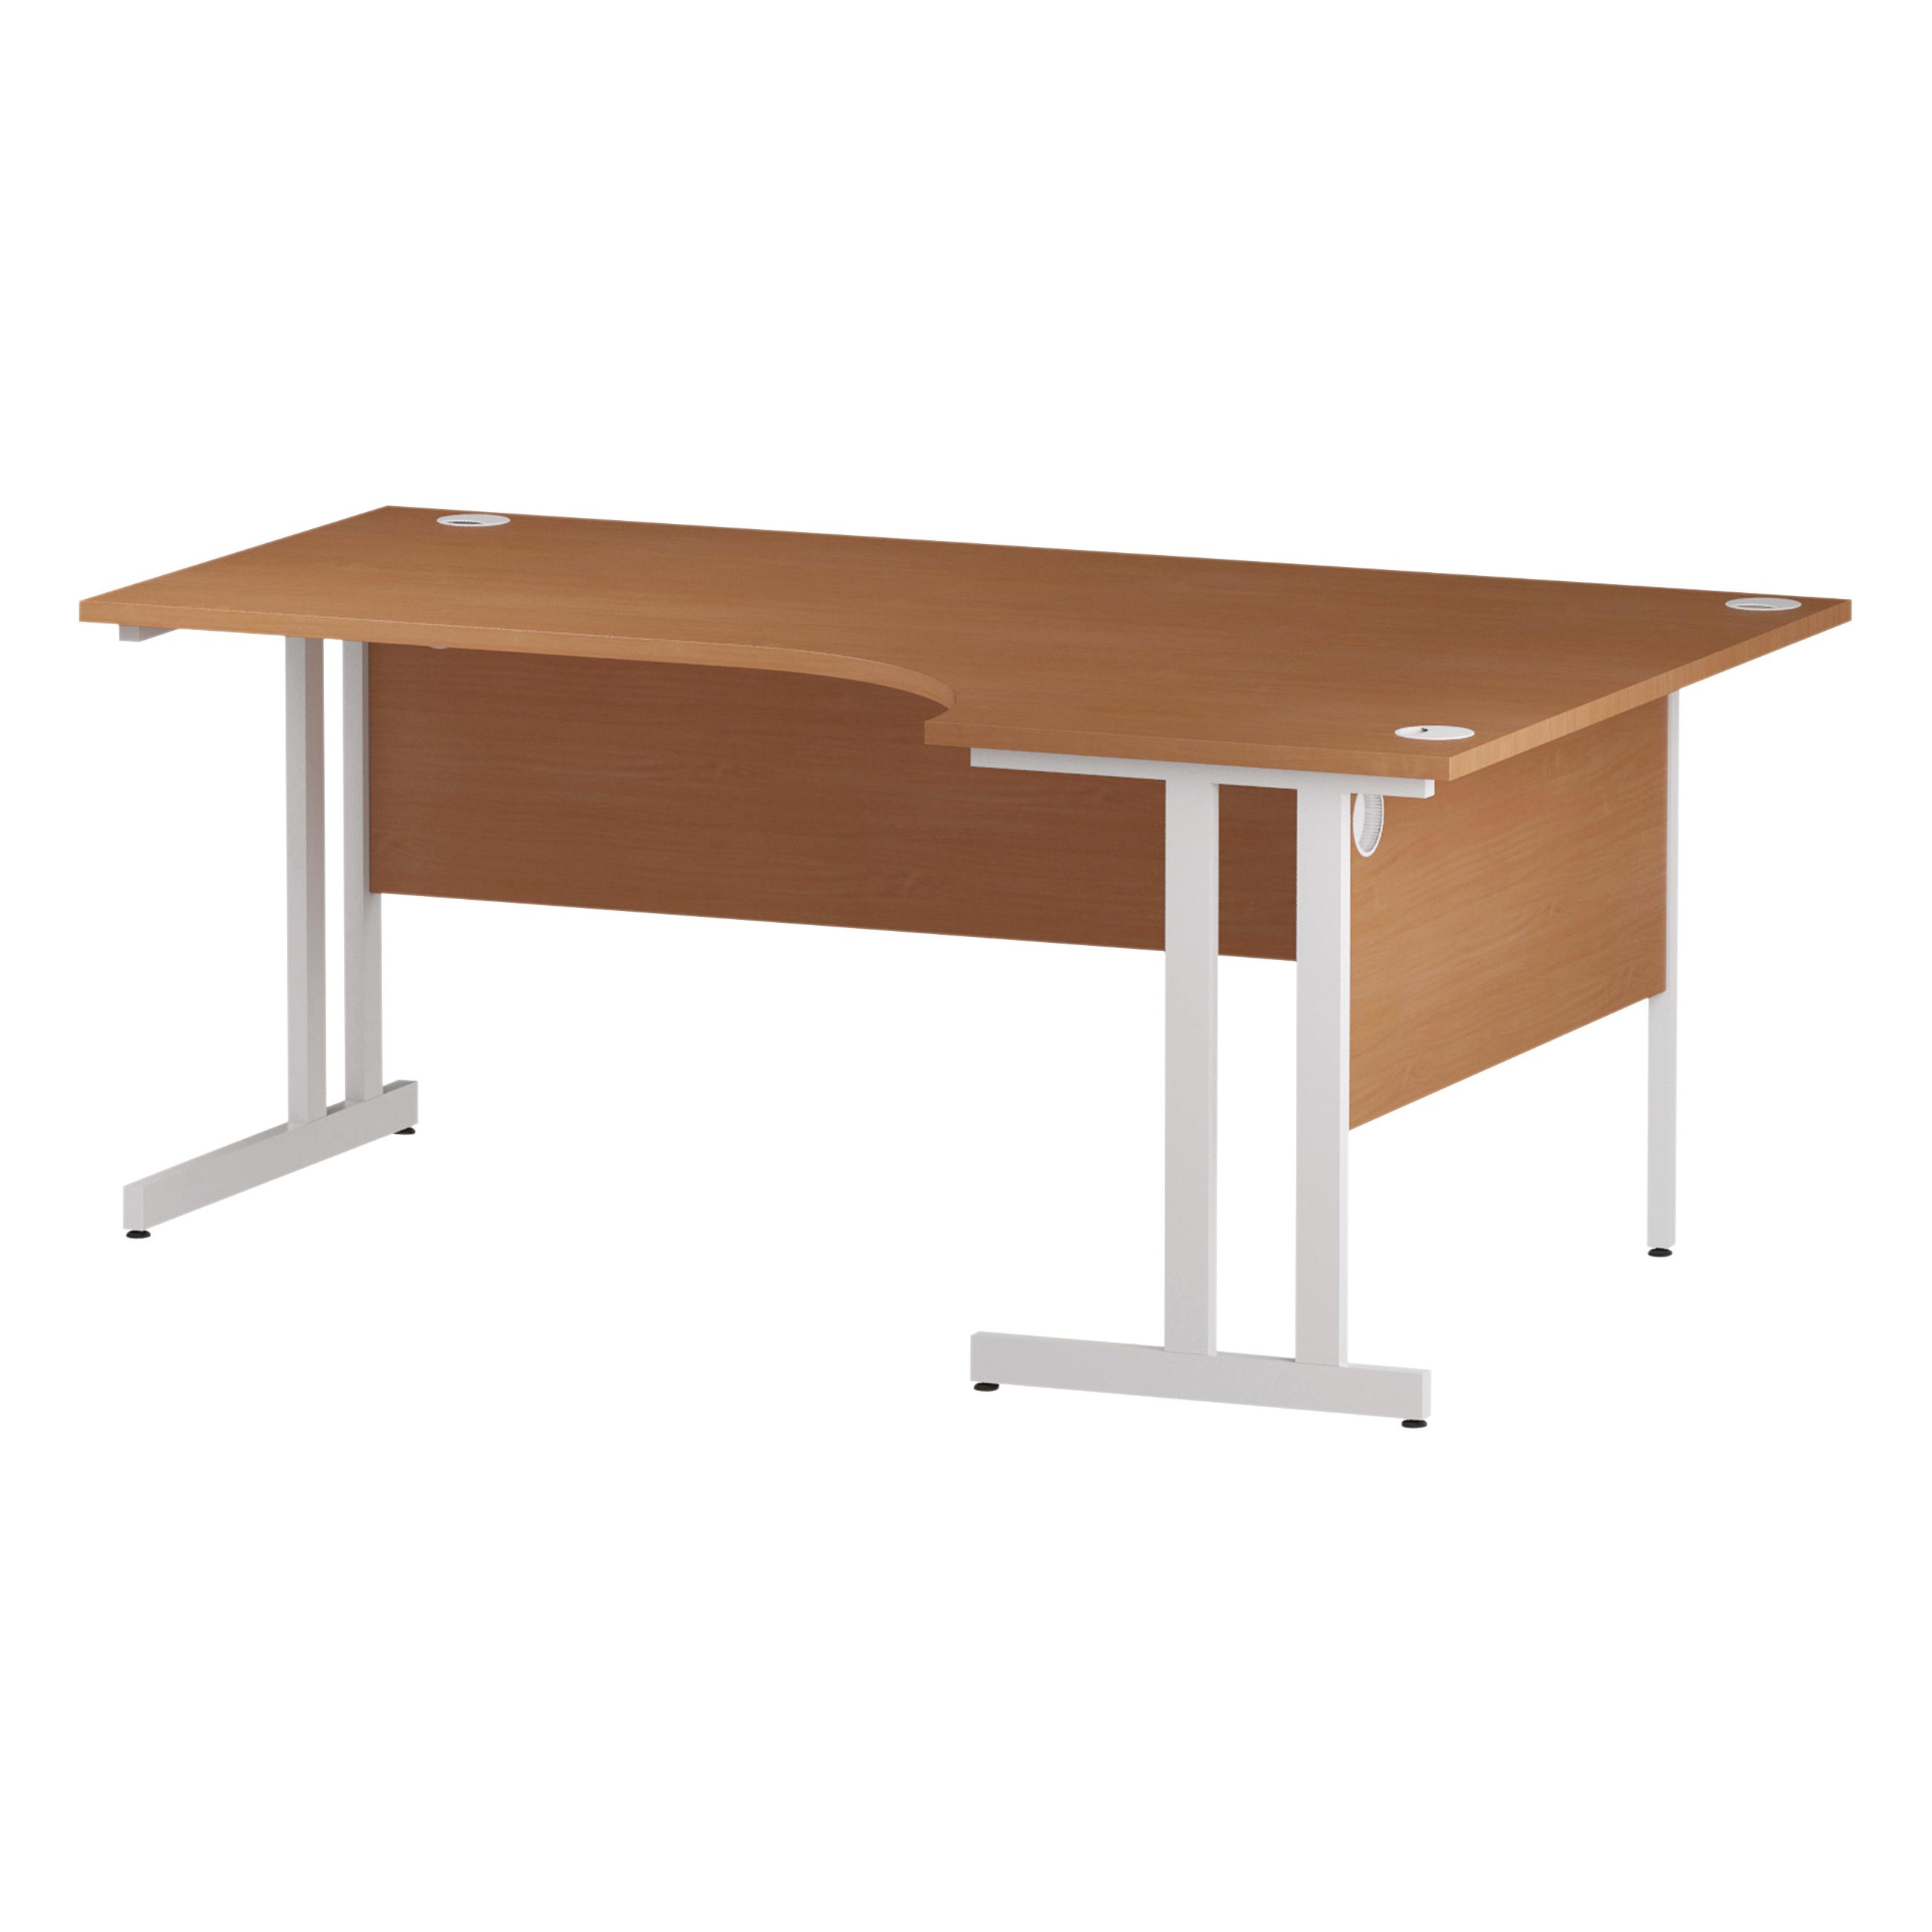 Trexus Radial Desk Right Hand White Cantilever Leg 1800mm Beech Ref I001878